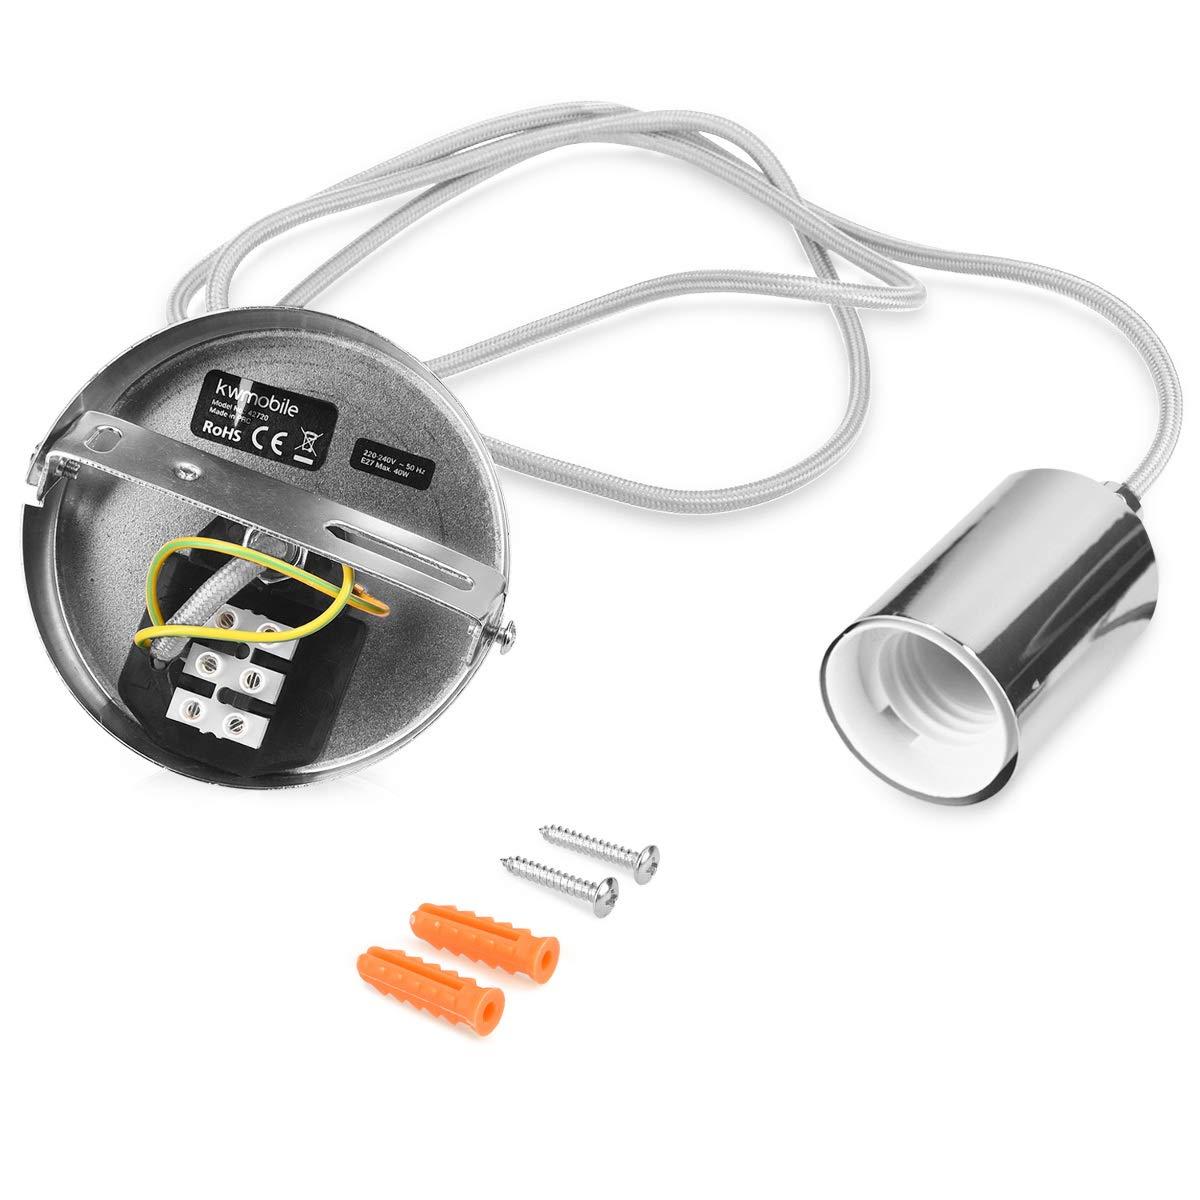 E27 Fassung mit Kabel kwmobile E27 Metall Lampenfassung mit Textilkabel Lampenaufh/ängung Halter in Silber Optik mit Deckenbefestigung 1,20m